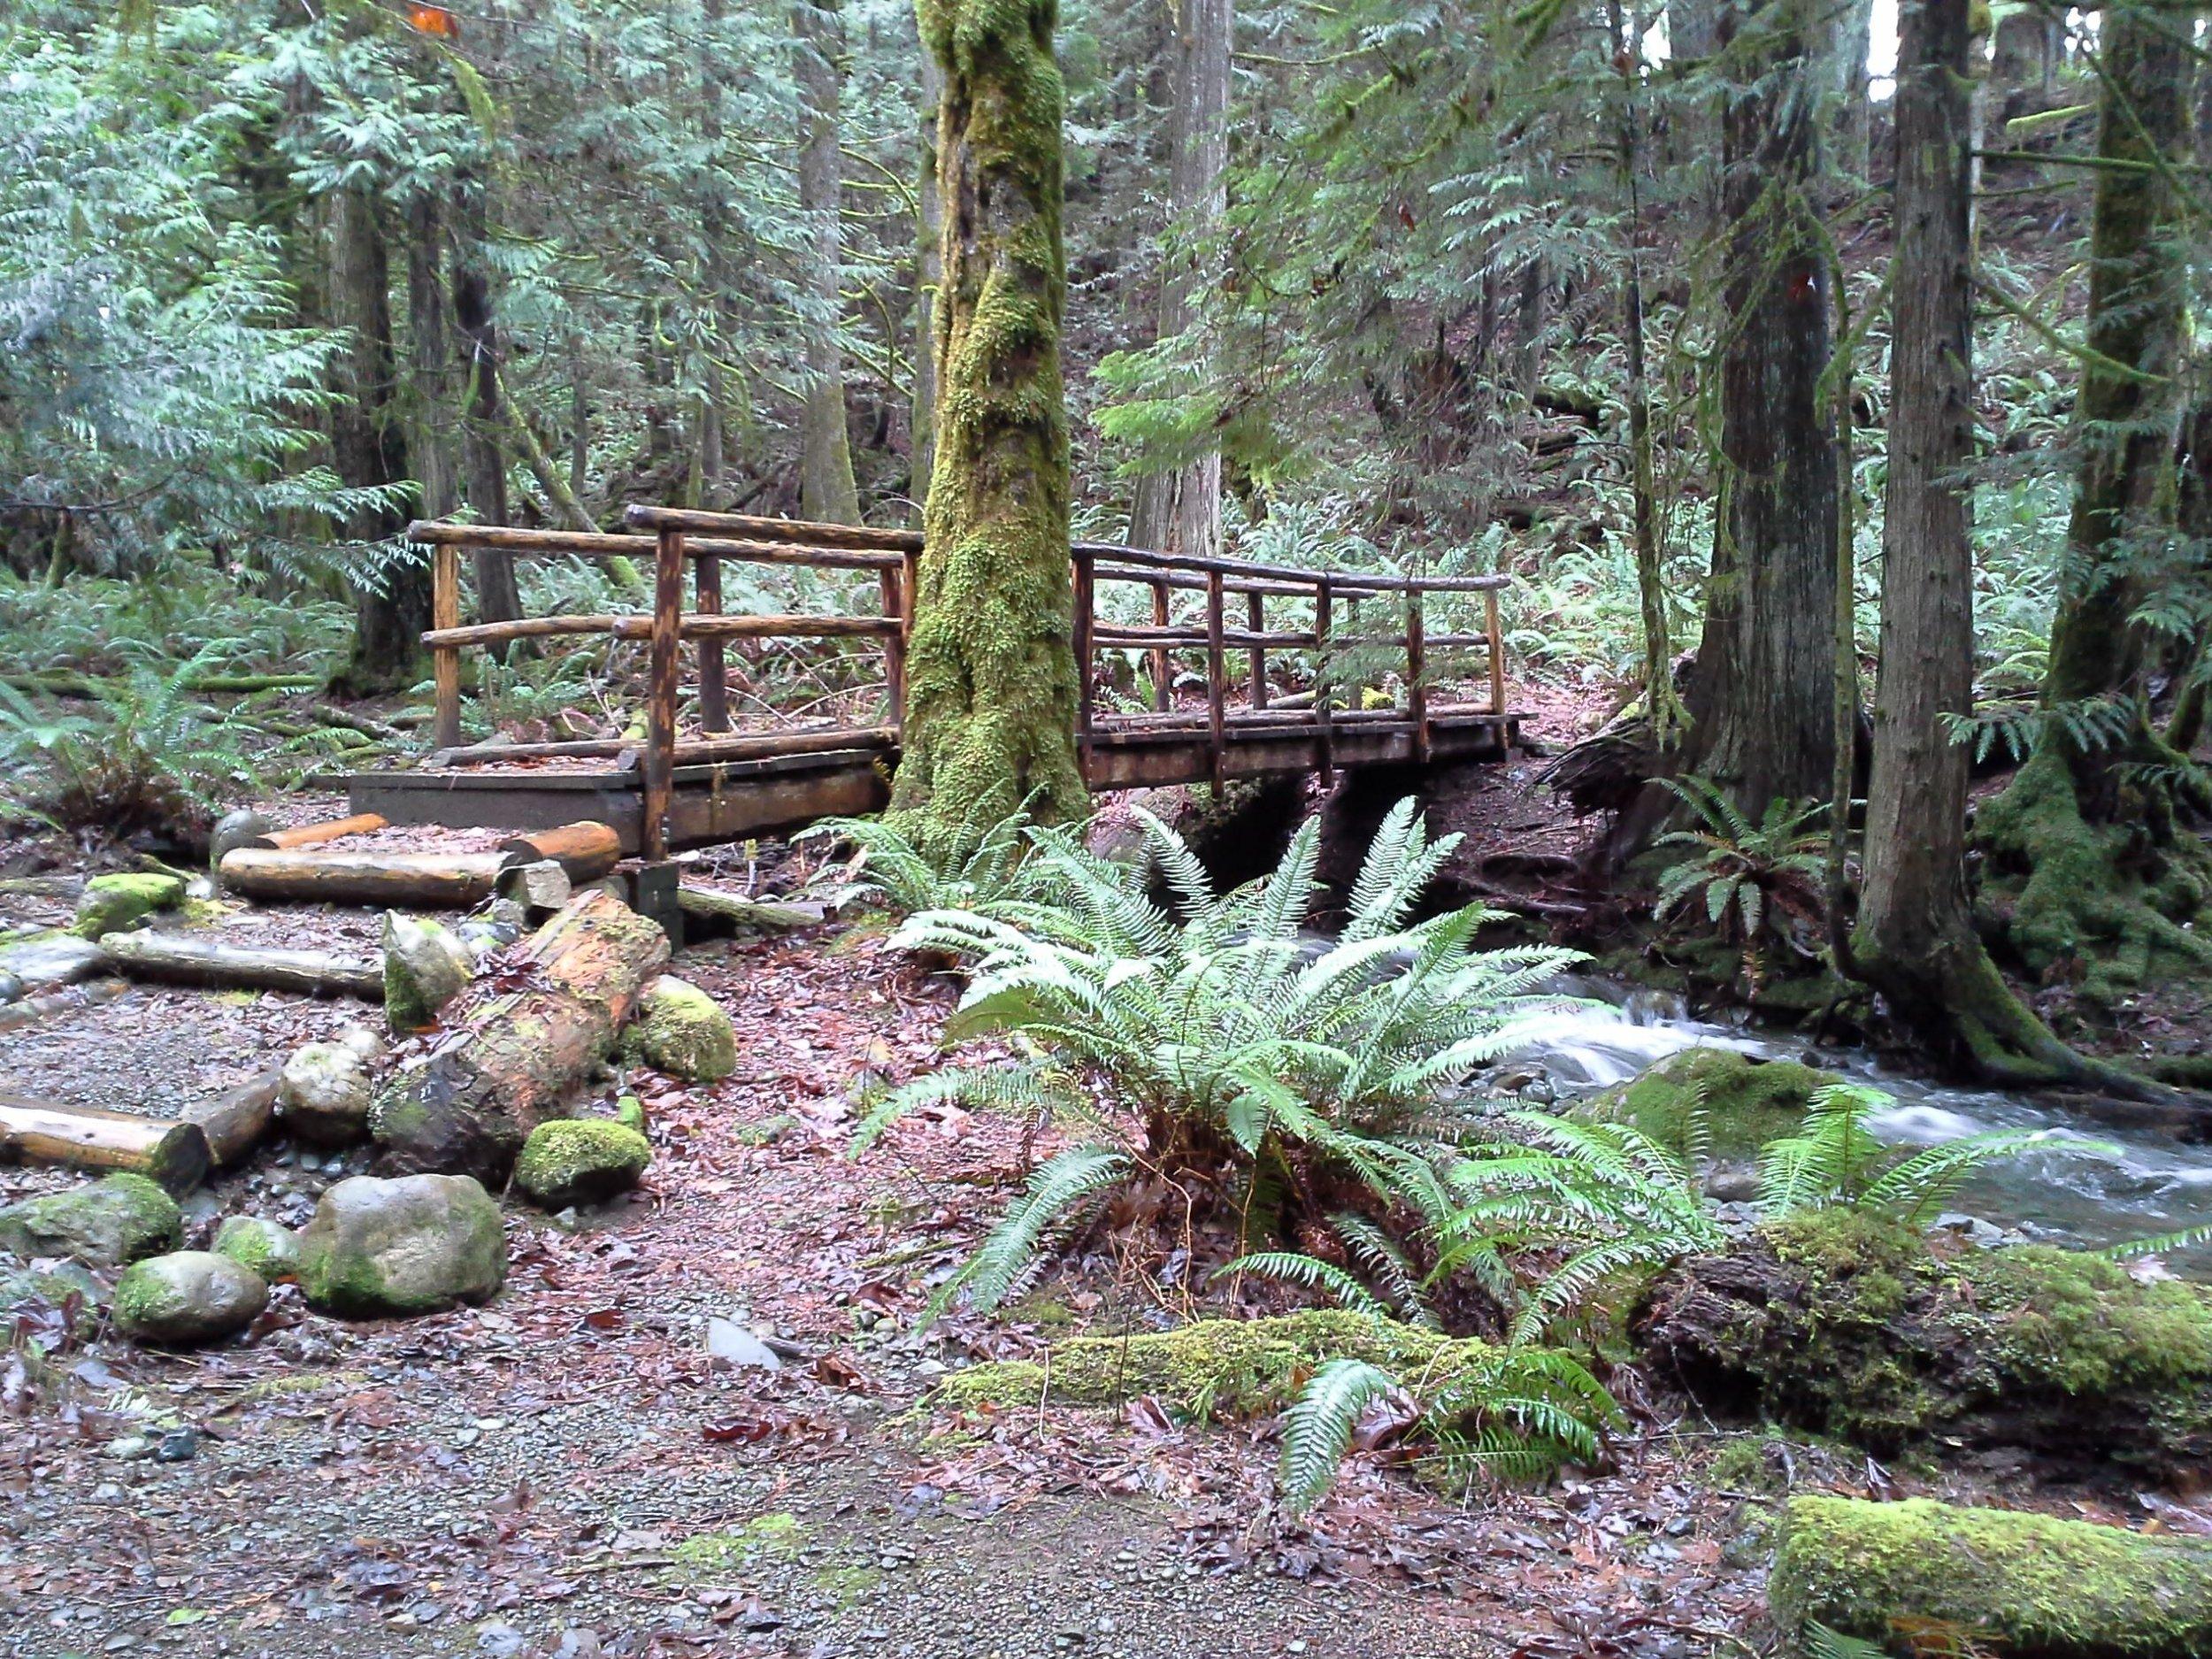 Photo c/o Washington State Parks